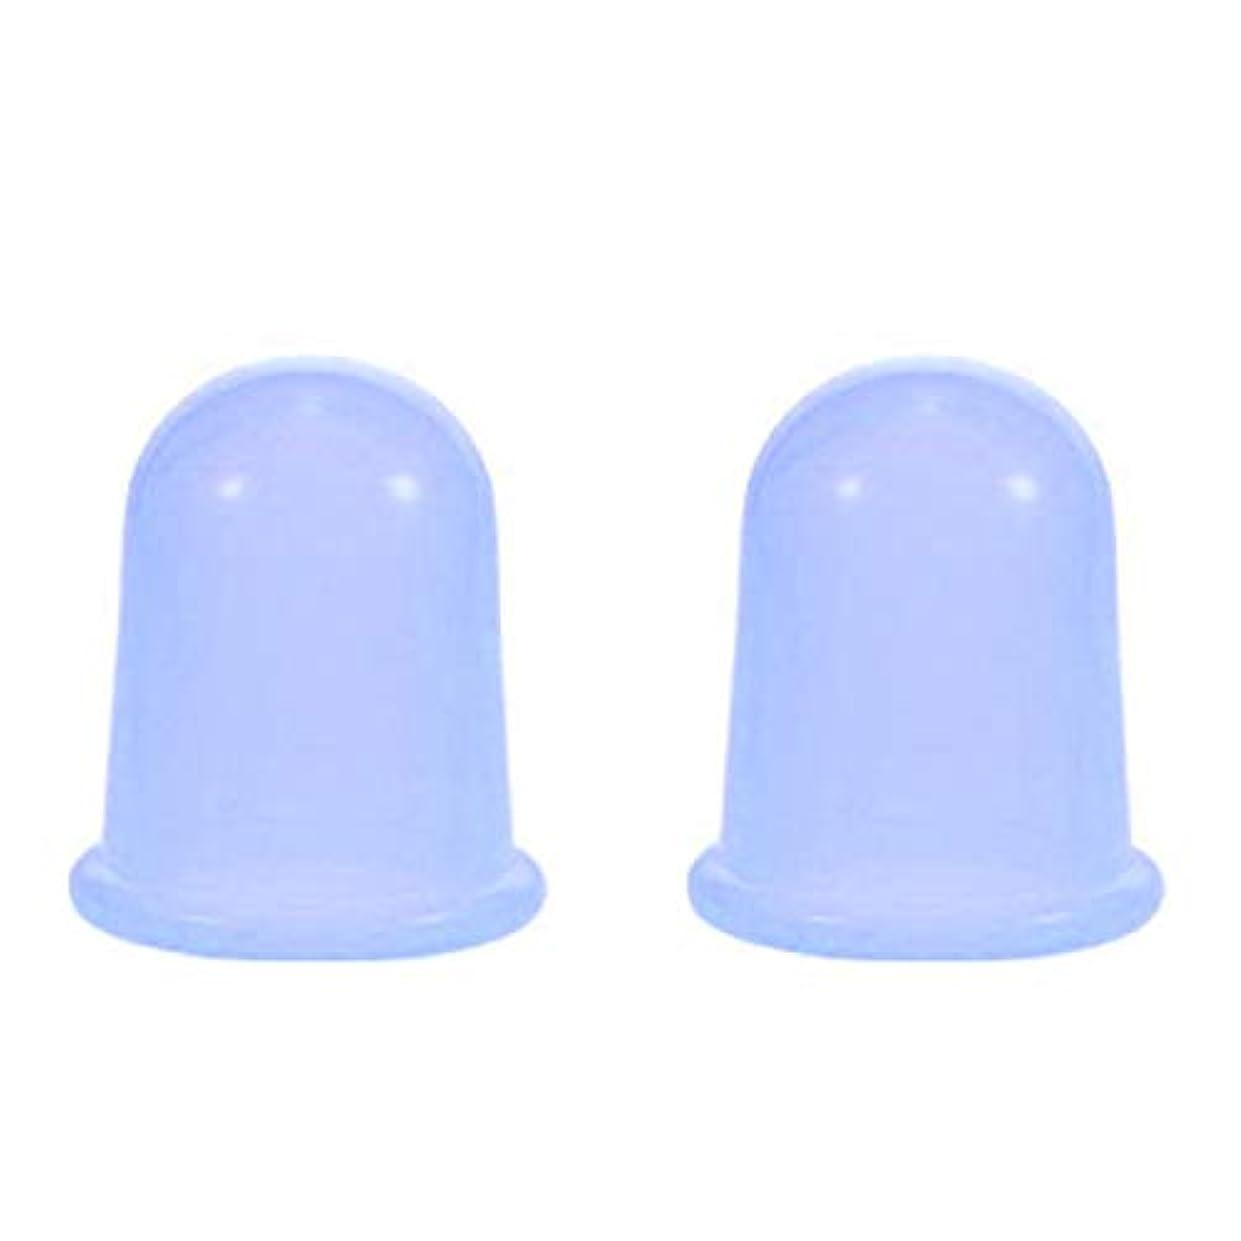 タヒチ首バンドスライドカッピング シリコンカップ 2個セット ブルー ボディ 身体用 吸い玉 自宅 セルフケア 【スリムバーン】